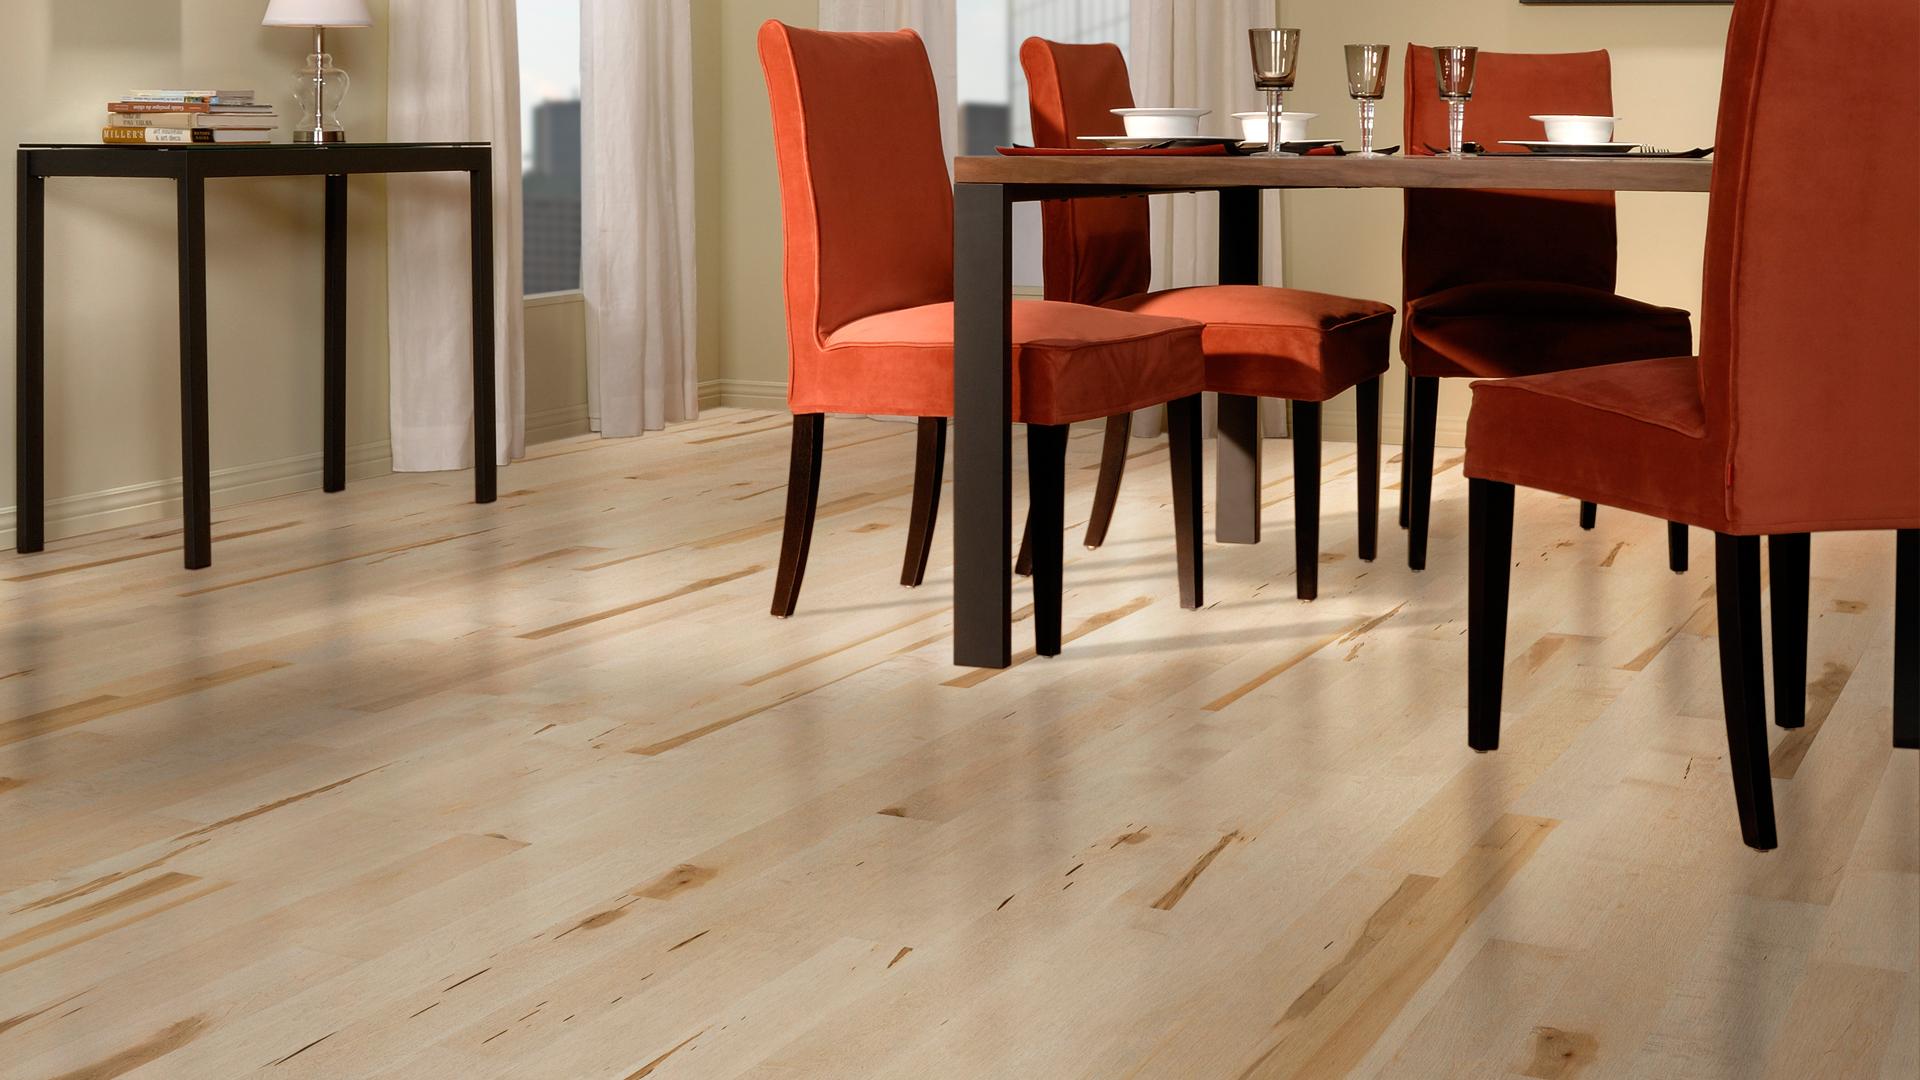 Hard maple sisal | Dubeau hardwood floors | Dining room decor